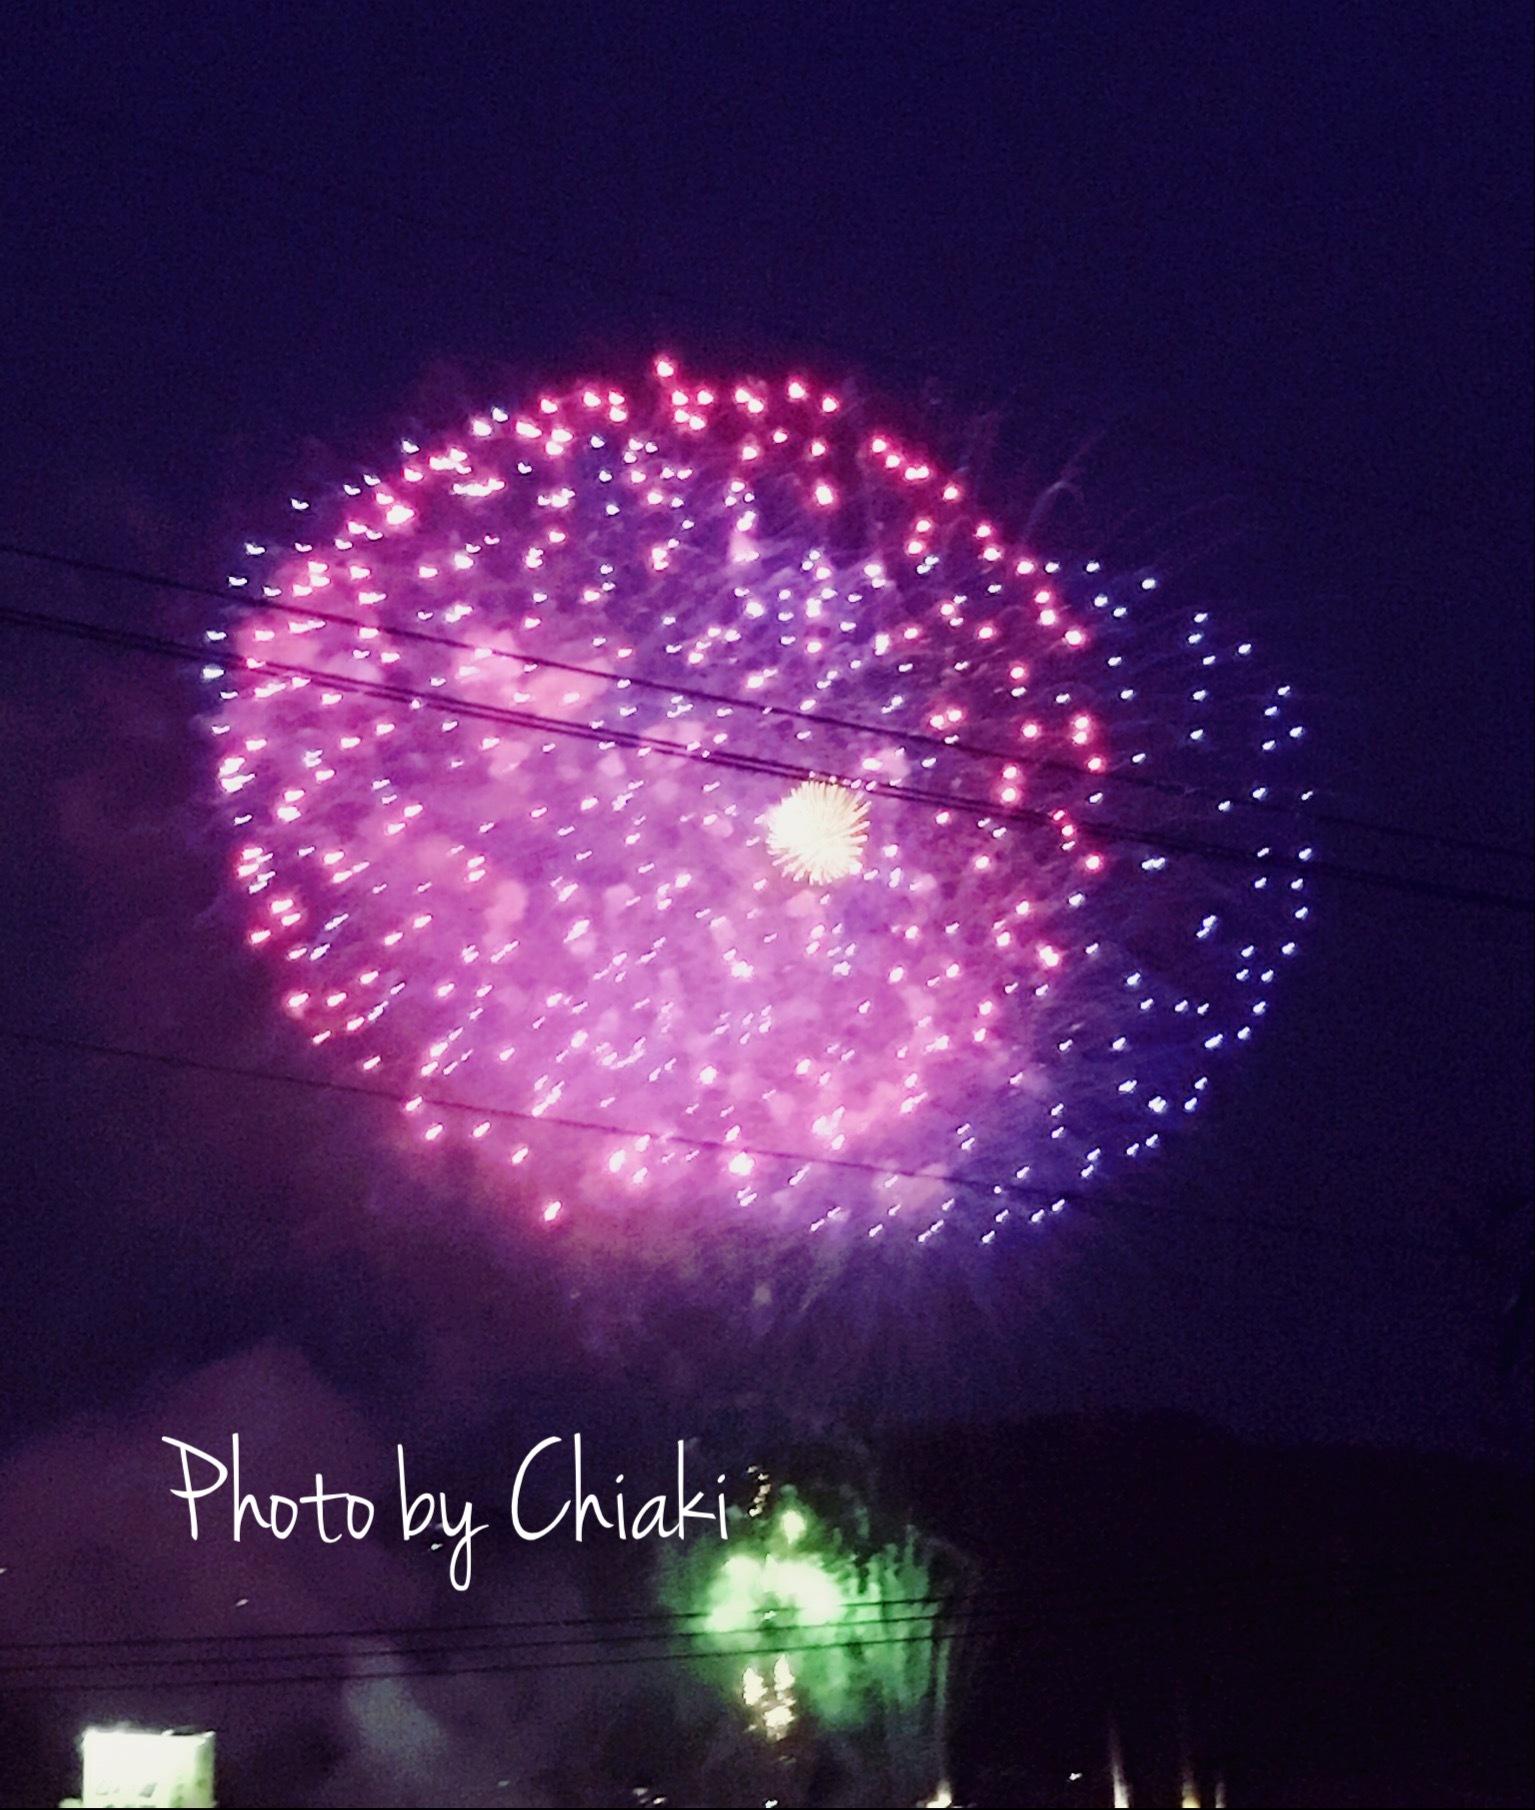 大好きな場所で大好きな人達と今年も尾道の花火大会を楽しみました٩꒰。•‿•。꒱۶_a0213806_13561571.jpg